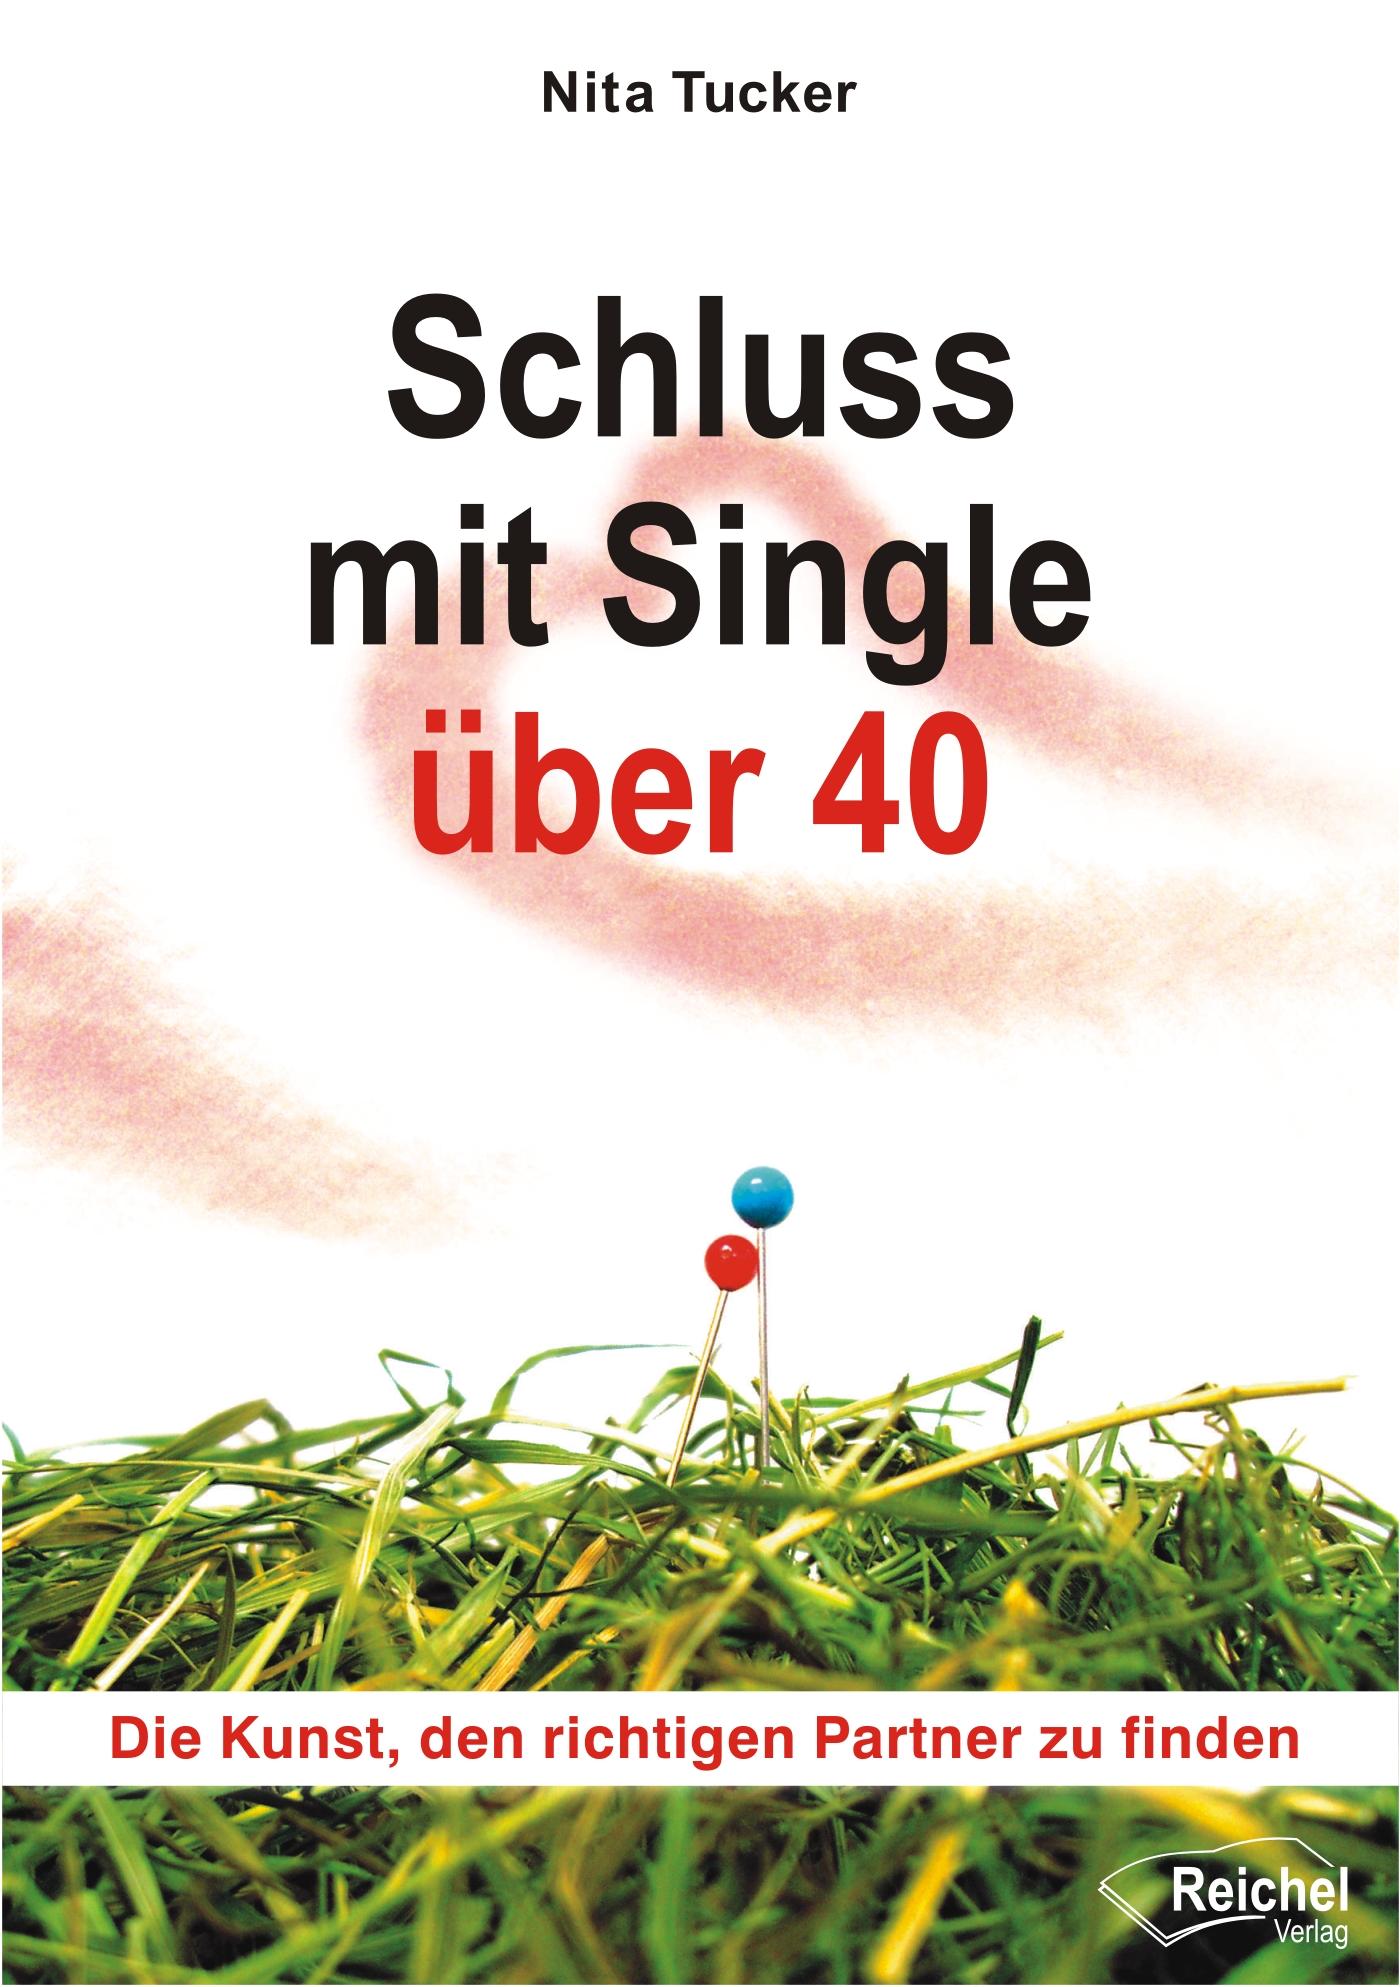 Buch für single frauen